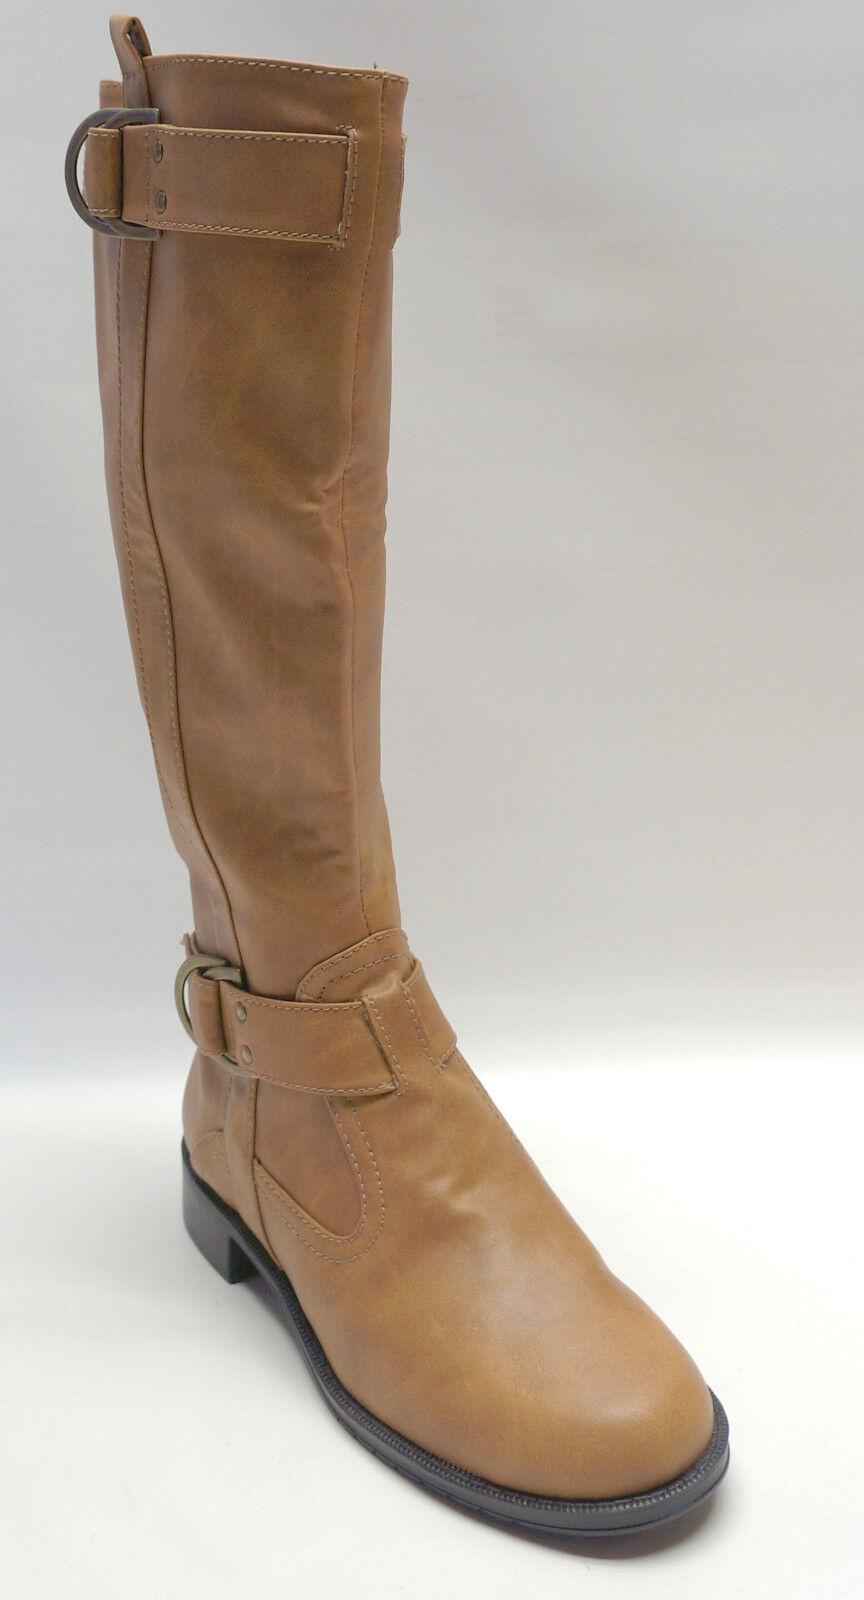 Aerosoles Foncé Bottes Style Cavalier Hauteur Genoux Ride Line Femmes Chaussures